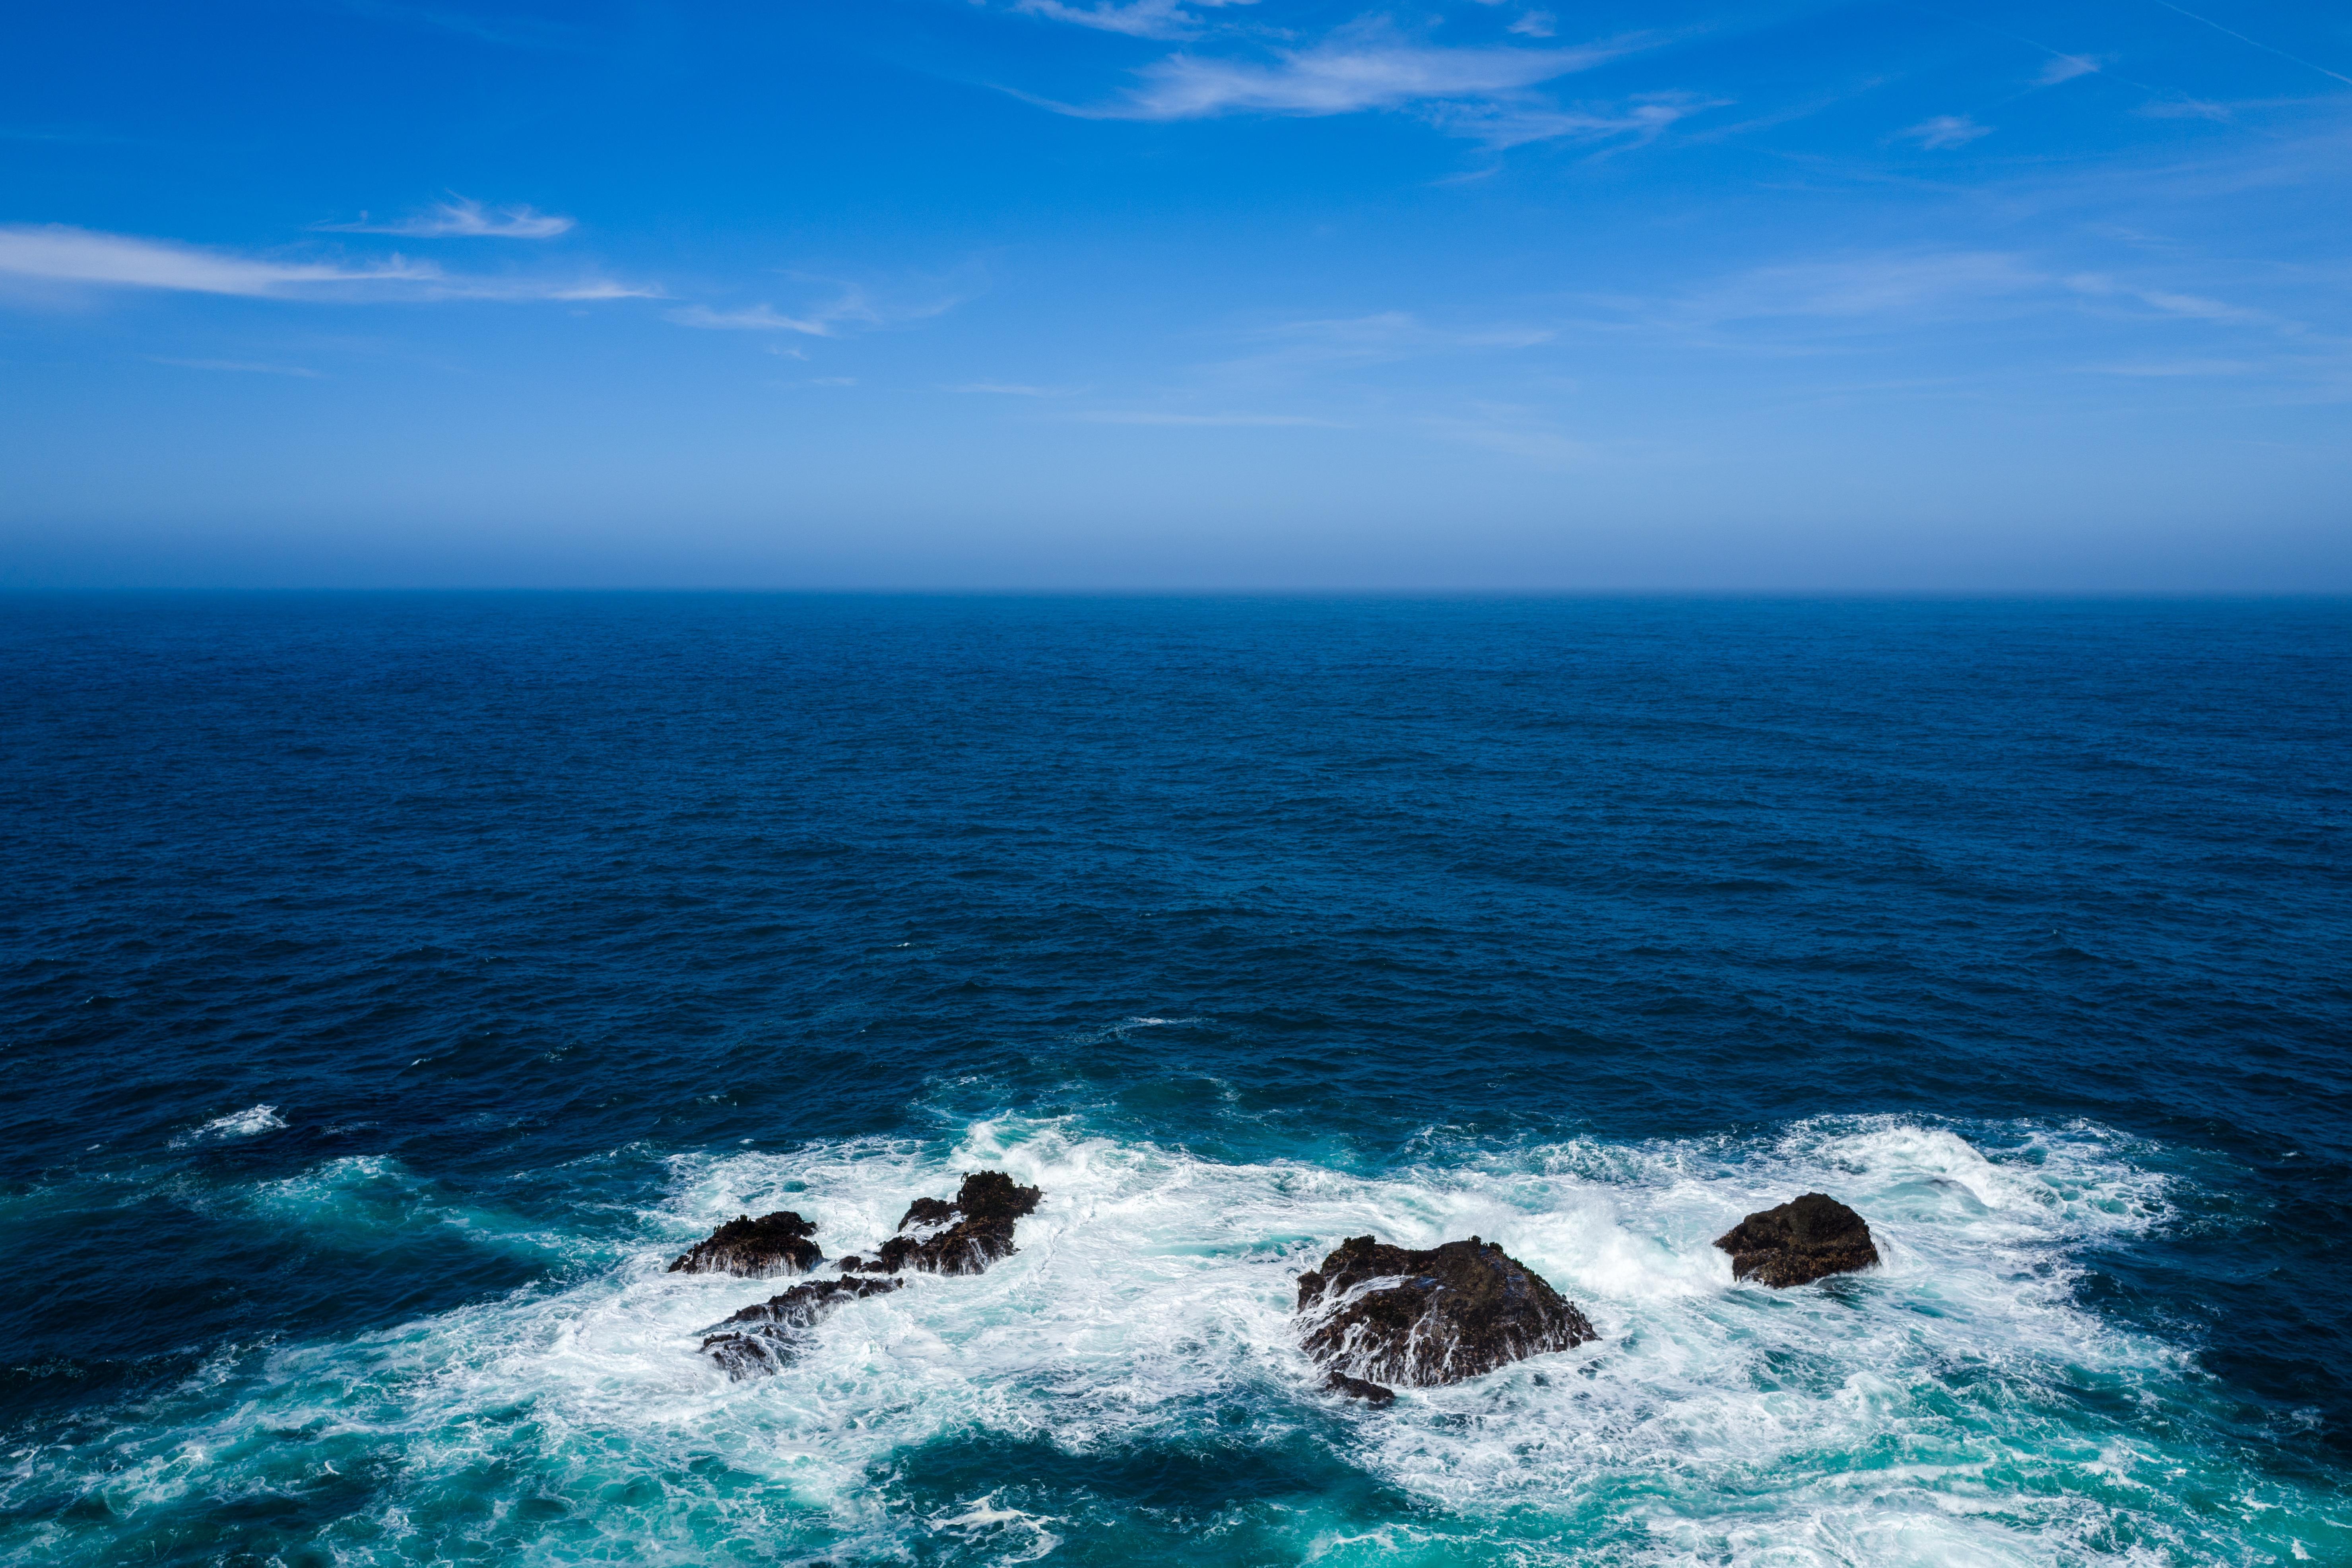 широкоформатные картинки океана тарасова является одним